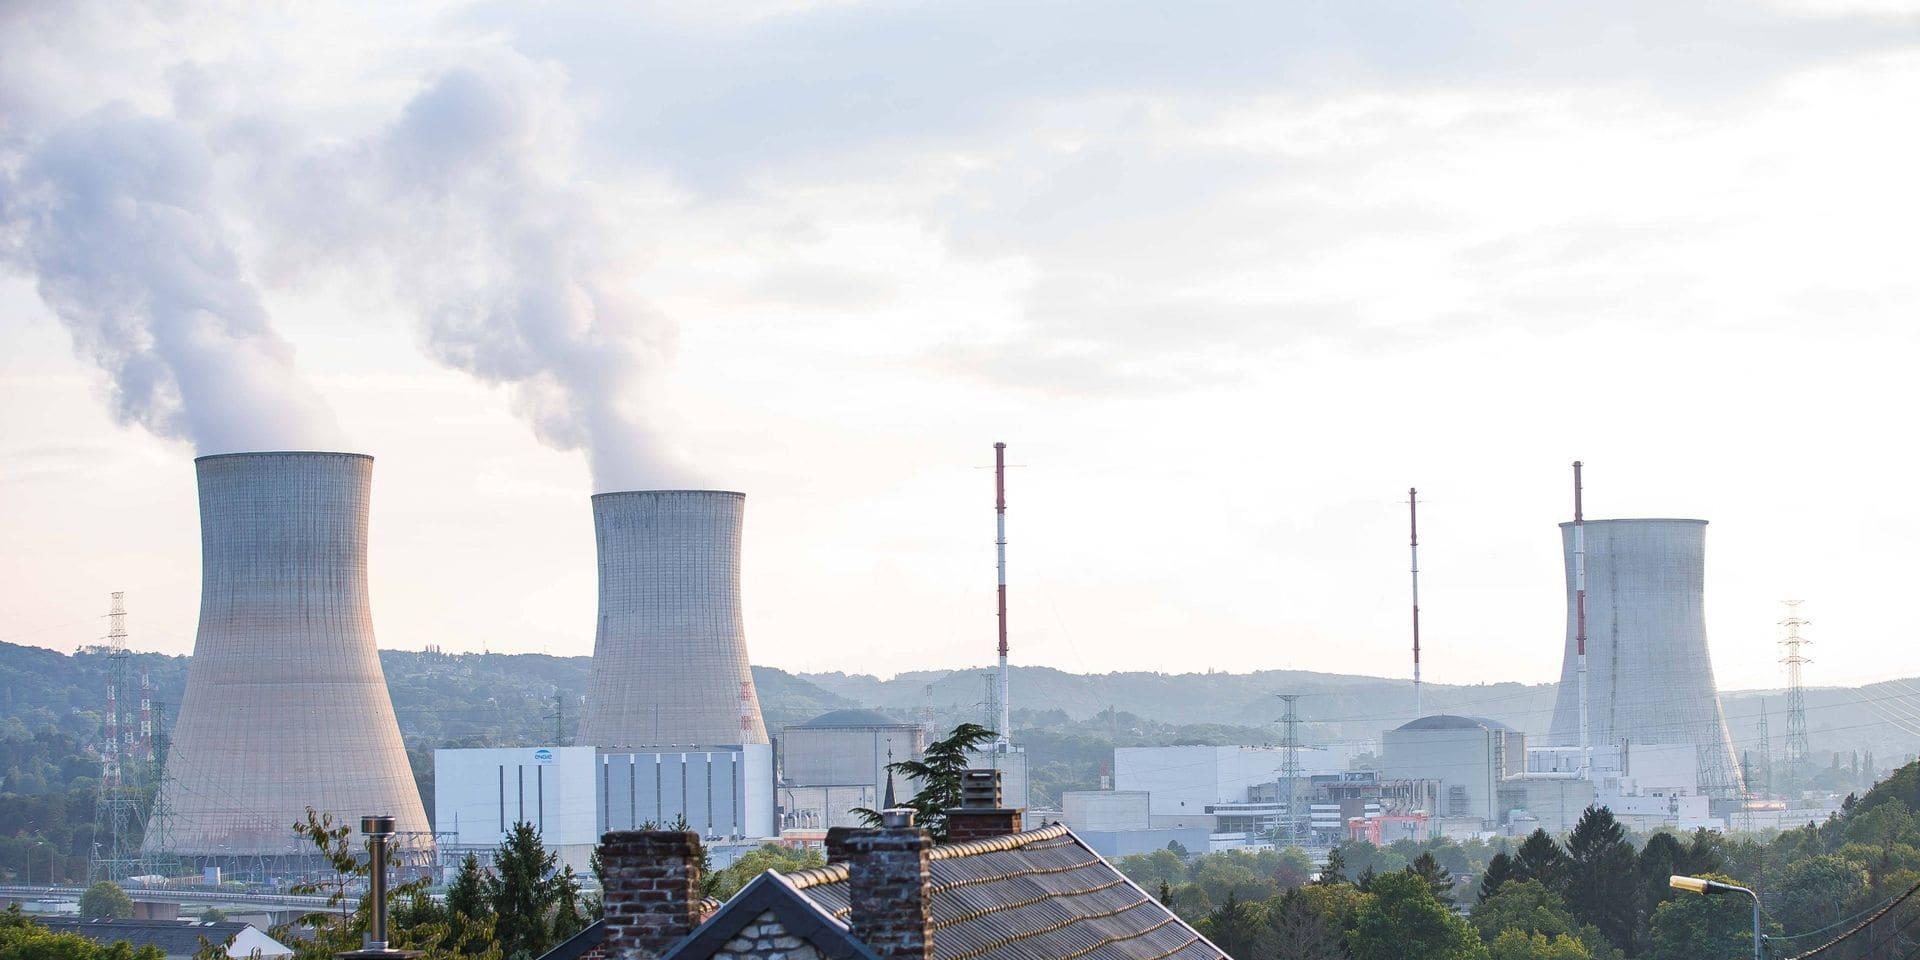 Le réacteur nucléaire Tihange 2 va redémarrer